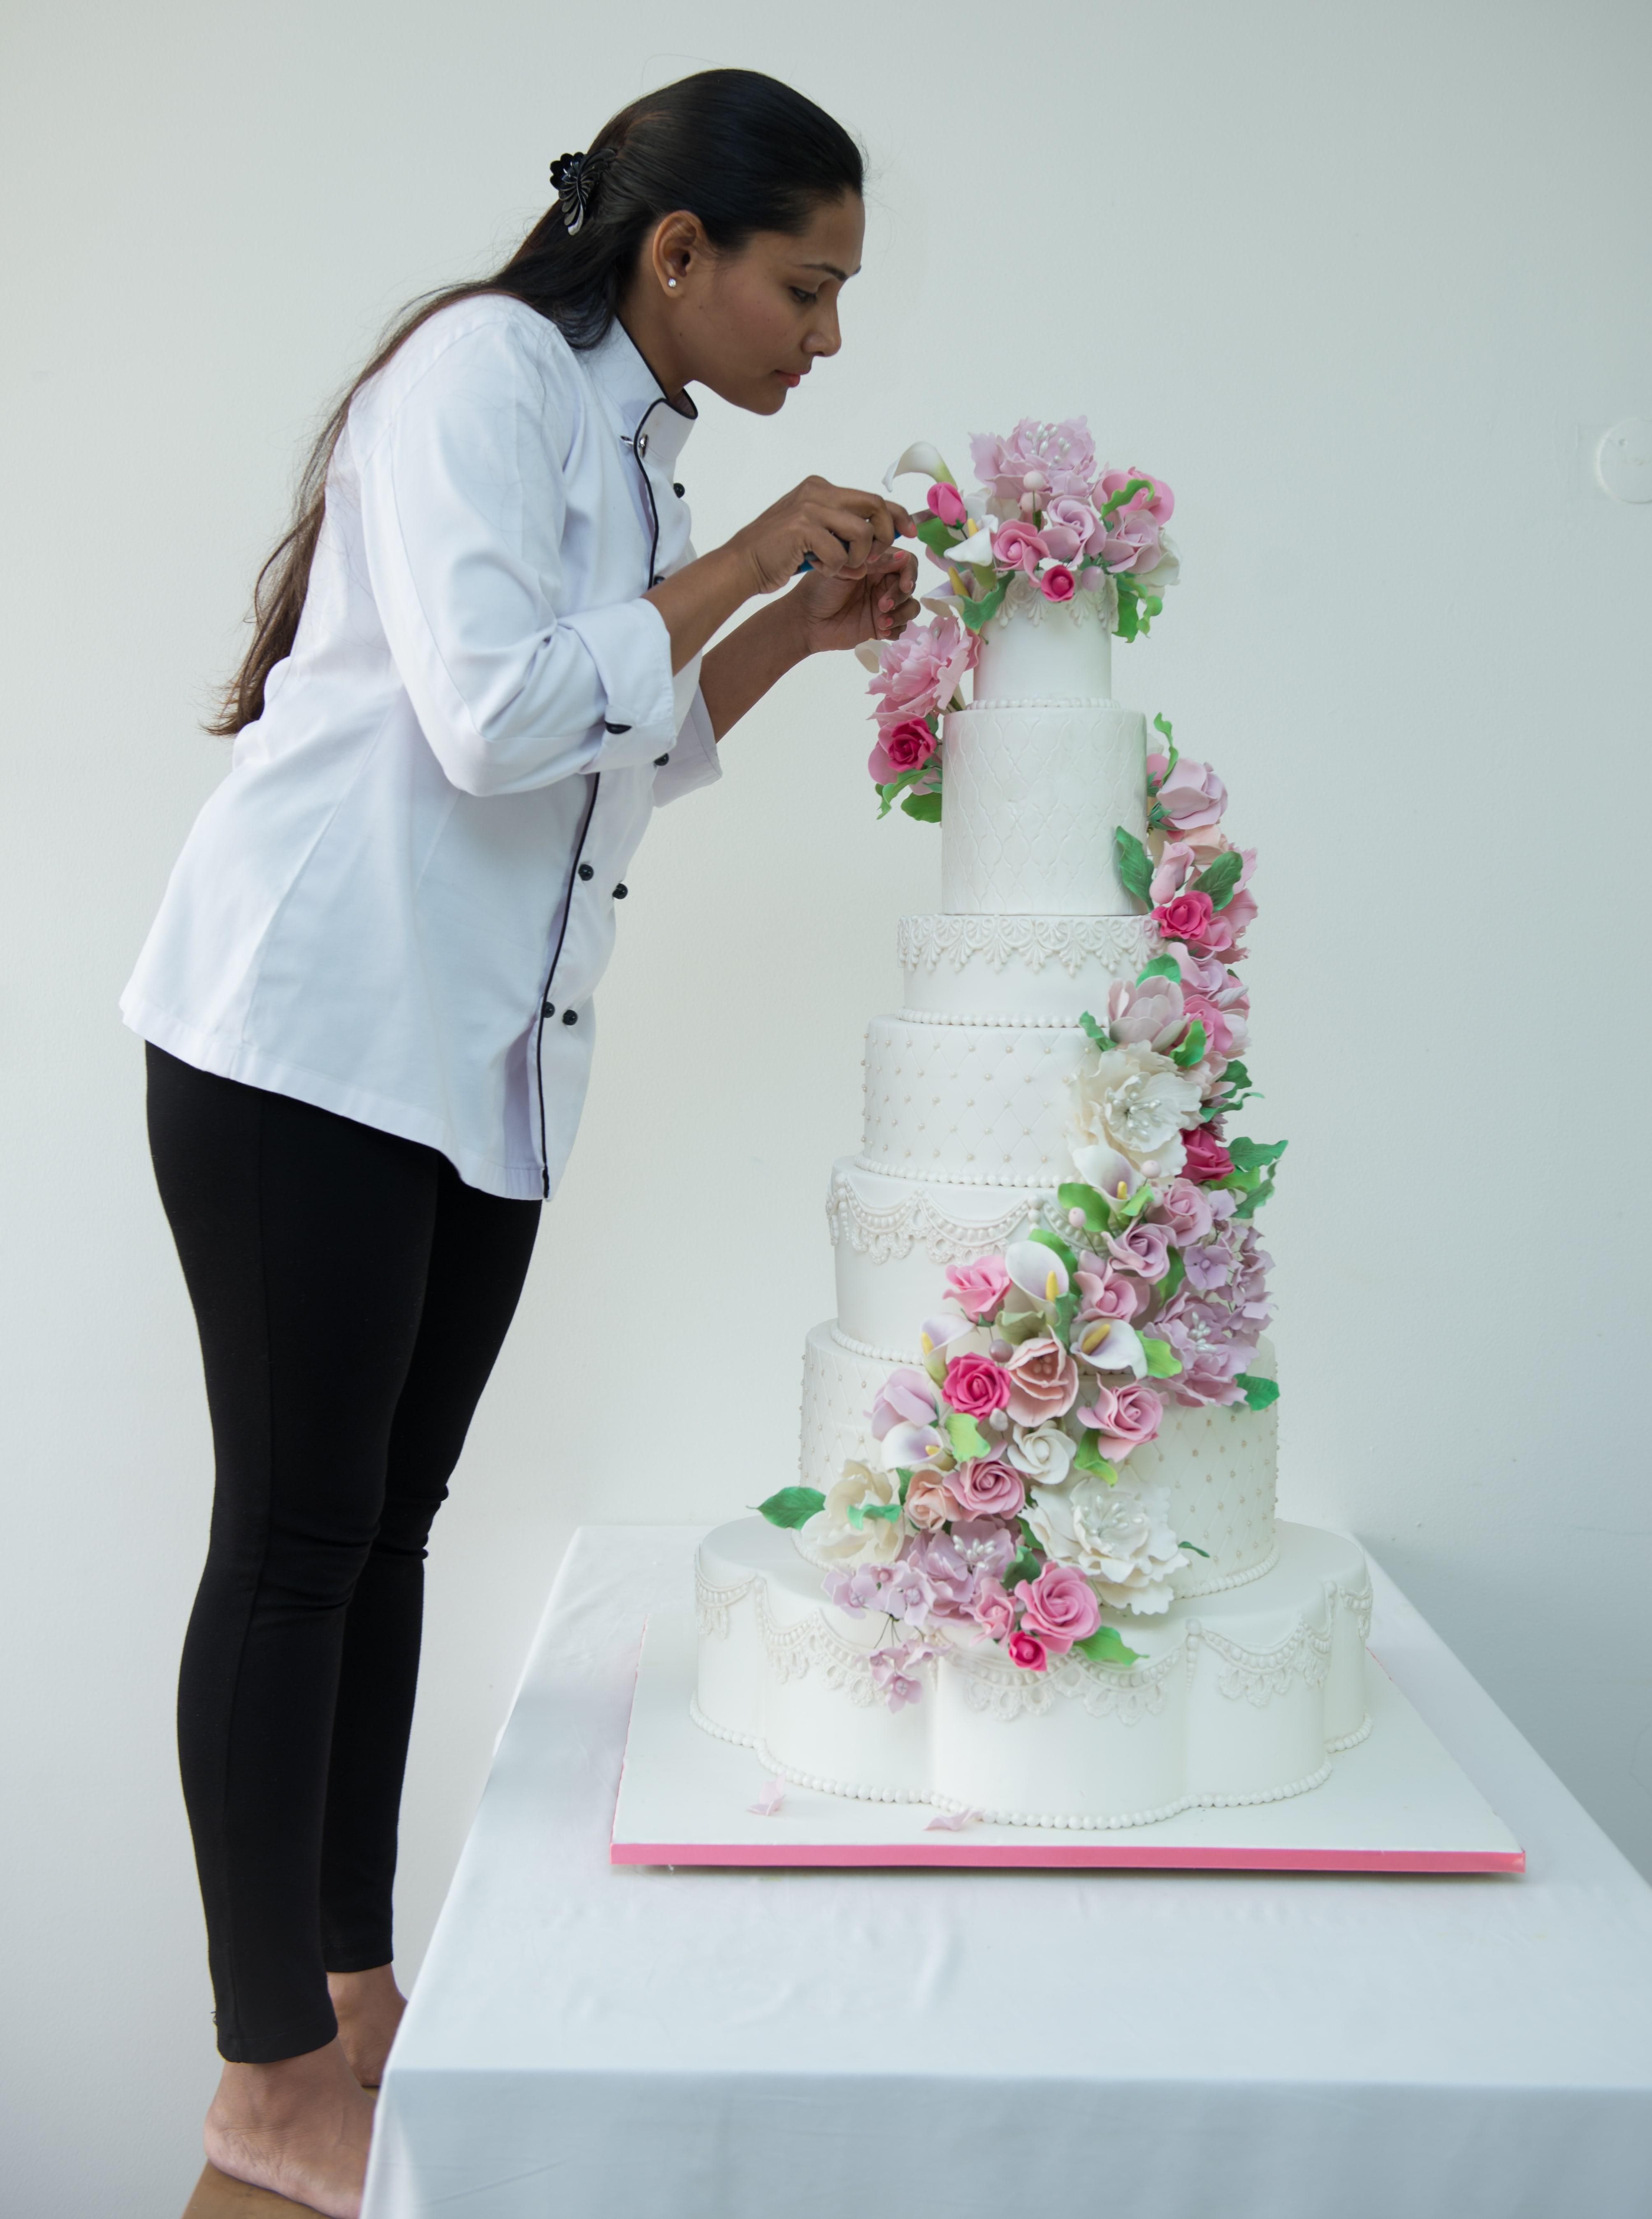 Cake designer at work